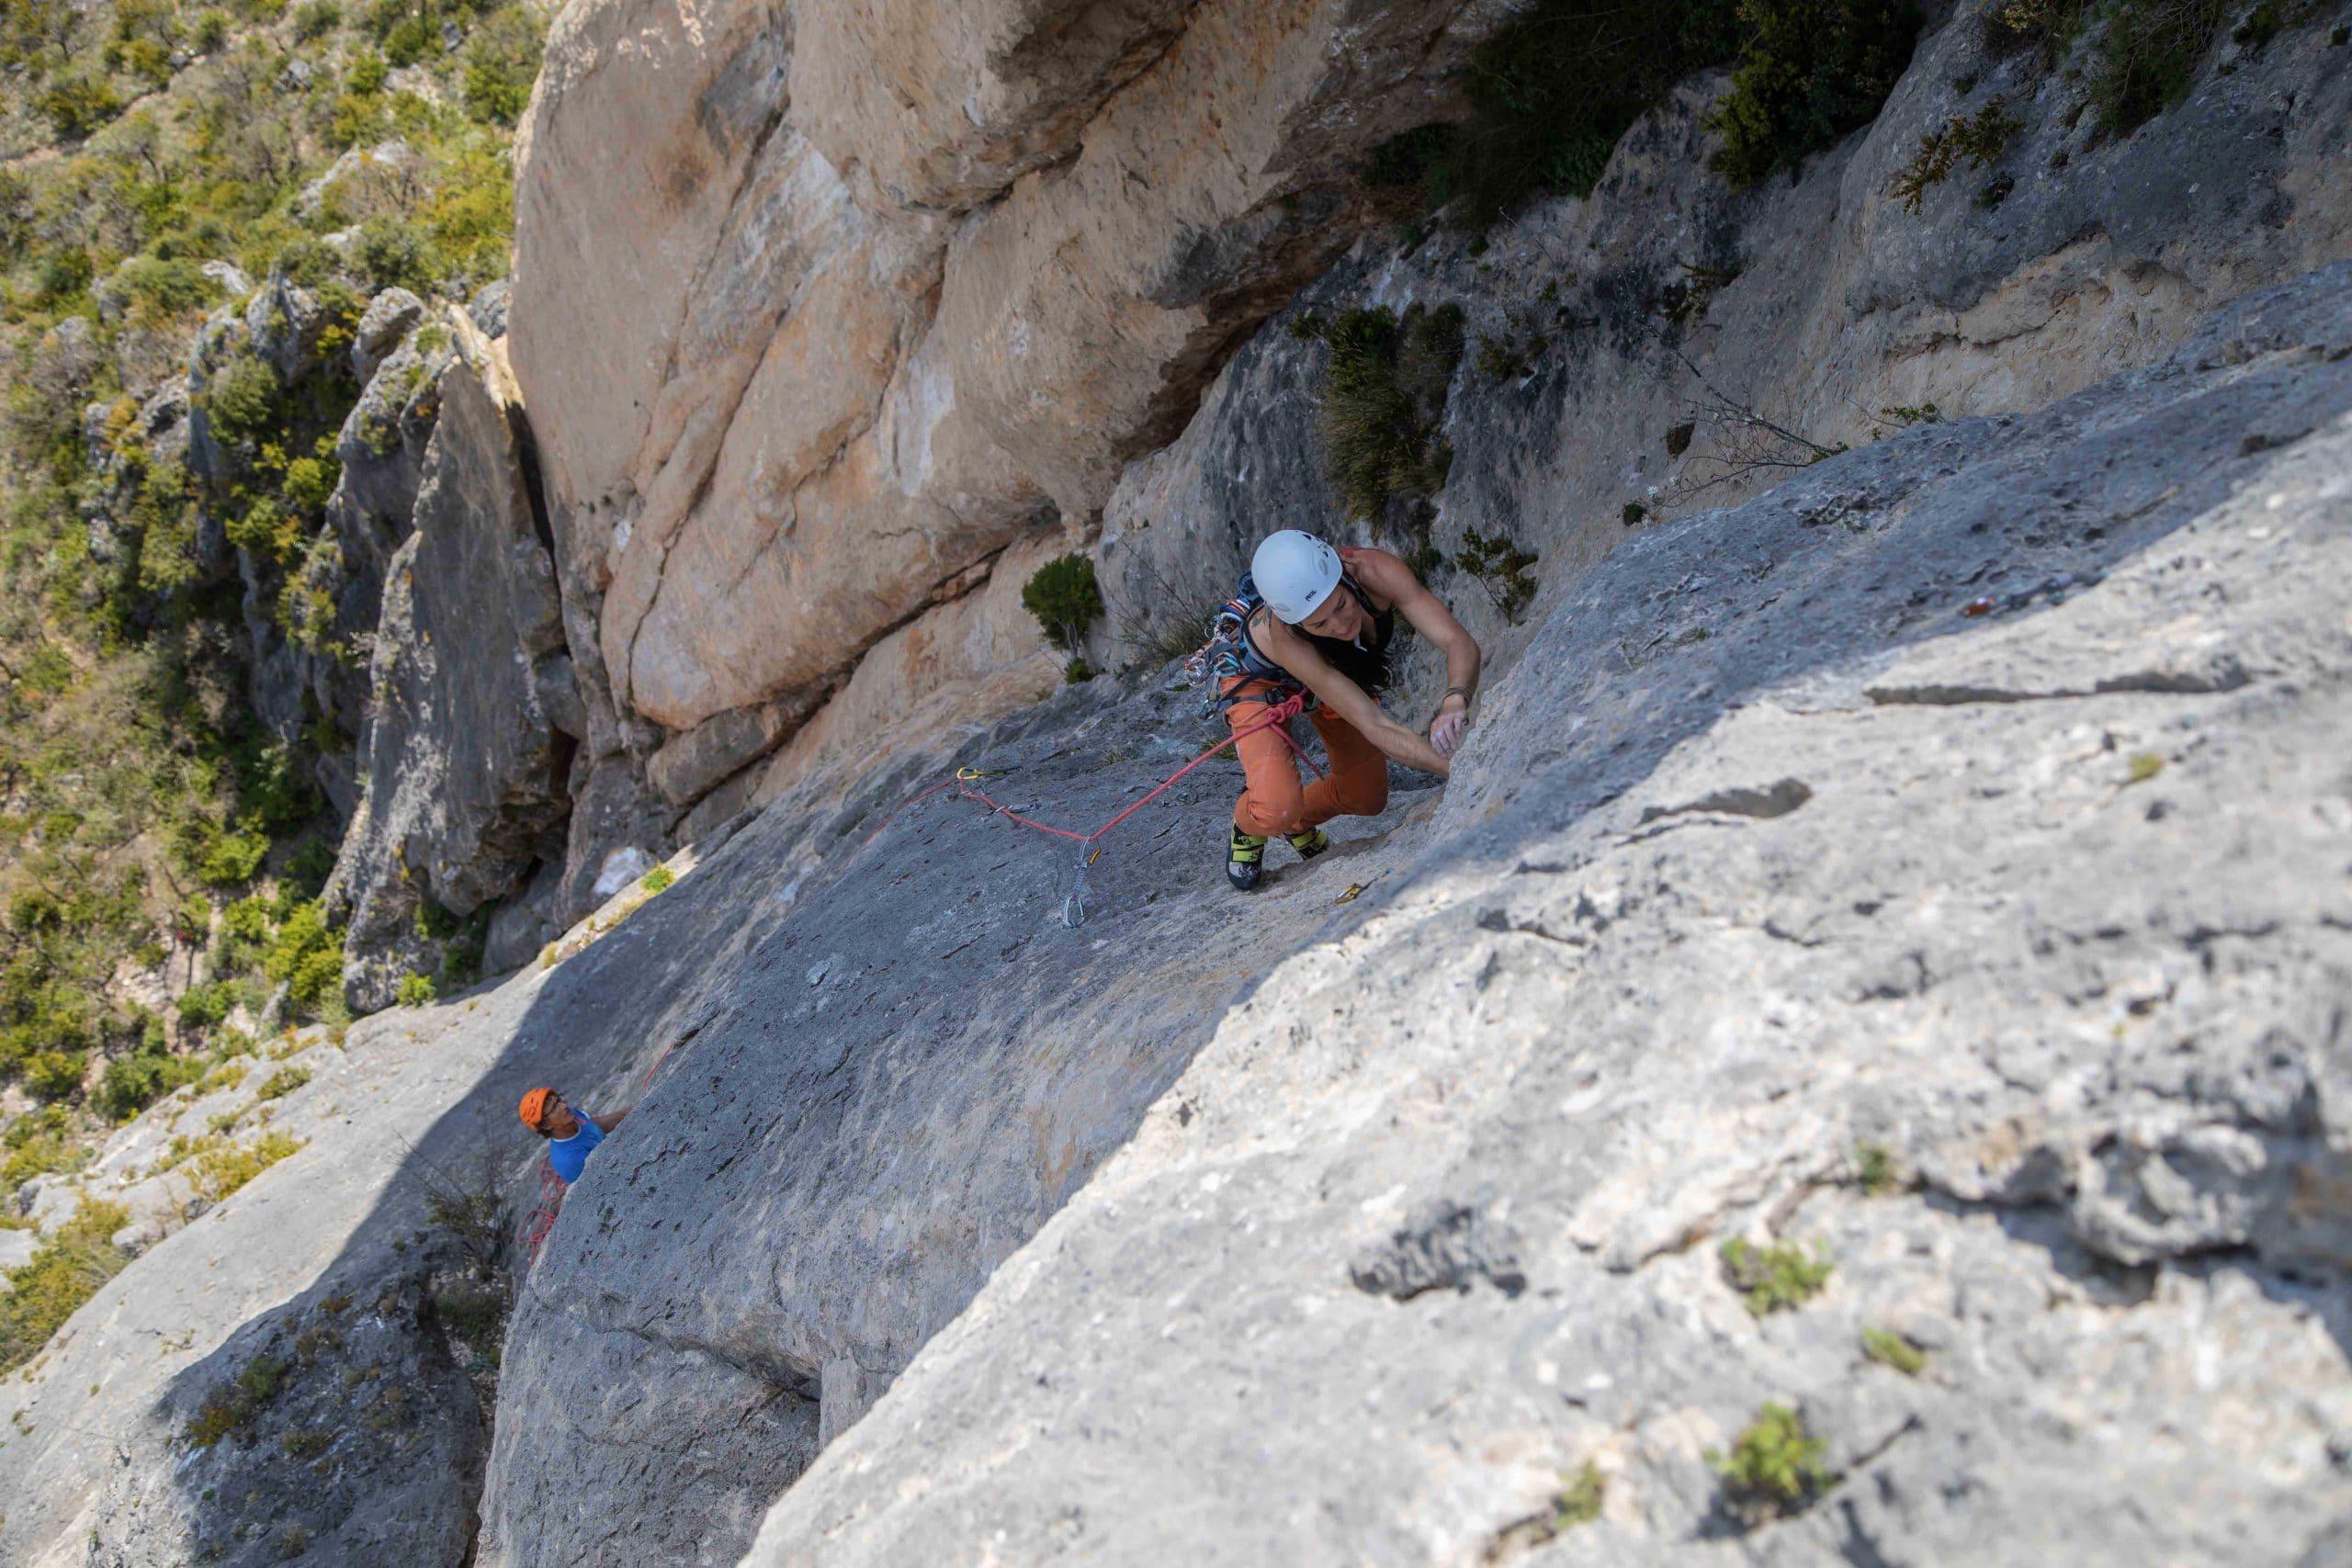 Escalade Gorges de la Jonte Grande voie cevennes aveyron millau occitanie lozere sud ouest midi pyrenees